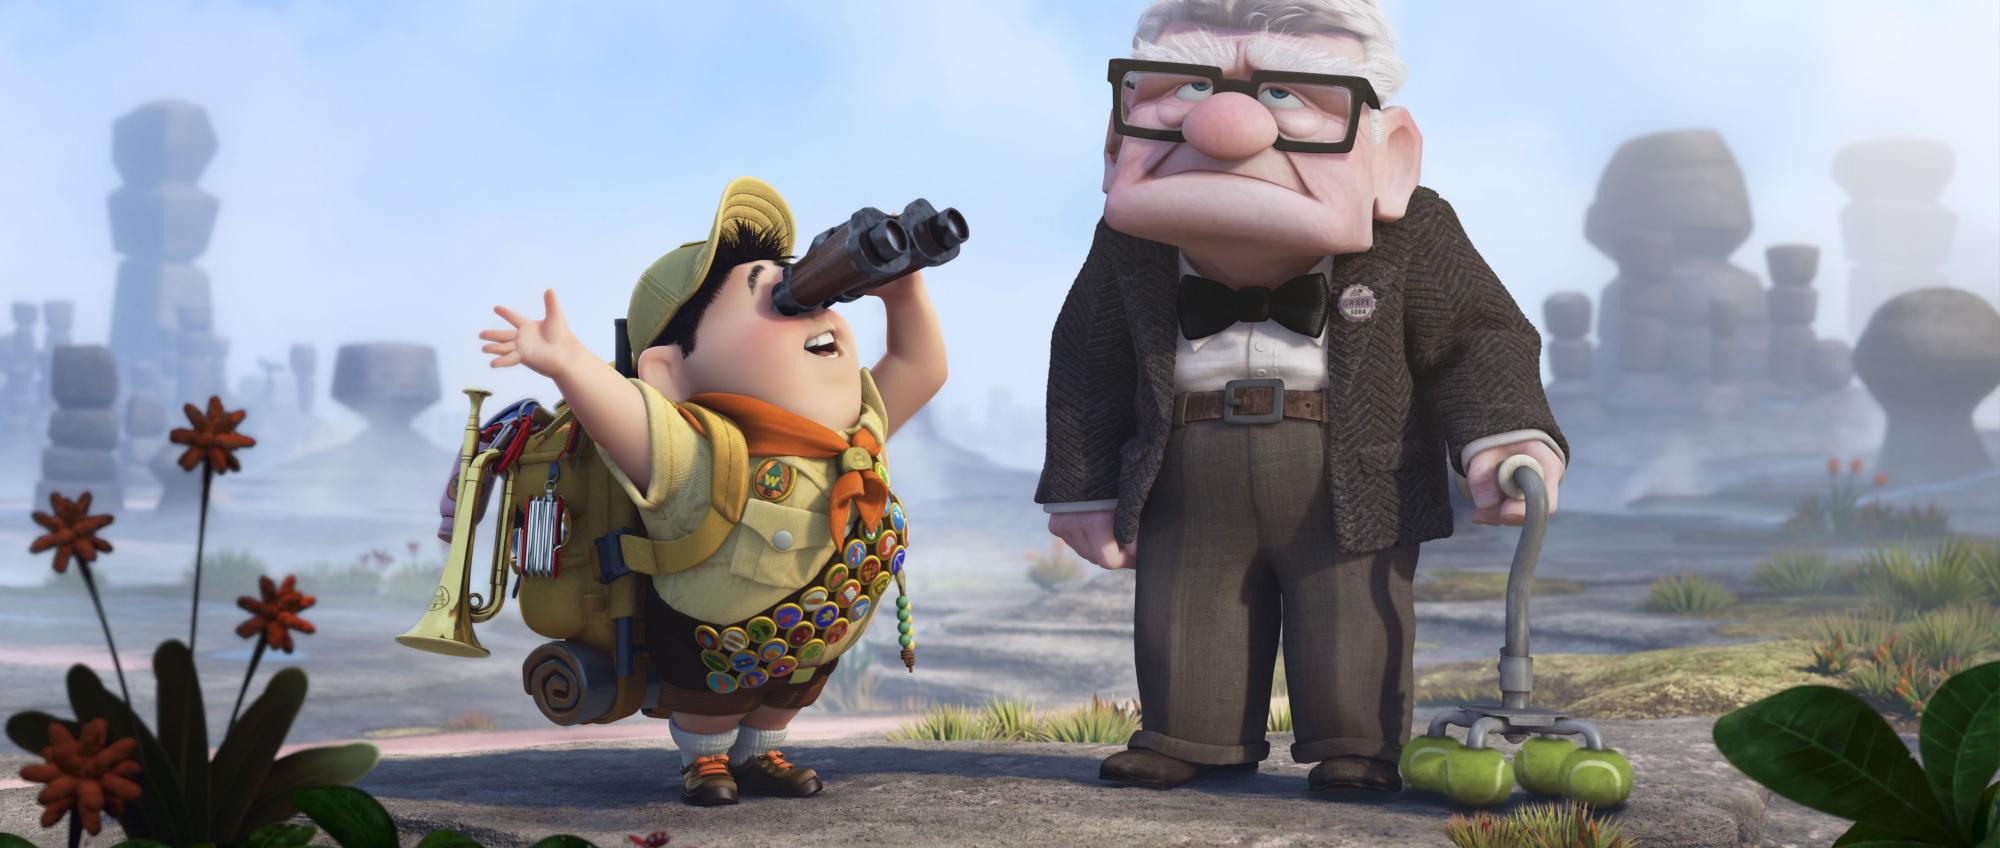 Up – med Pixar på den smale sti